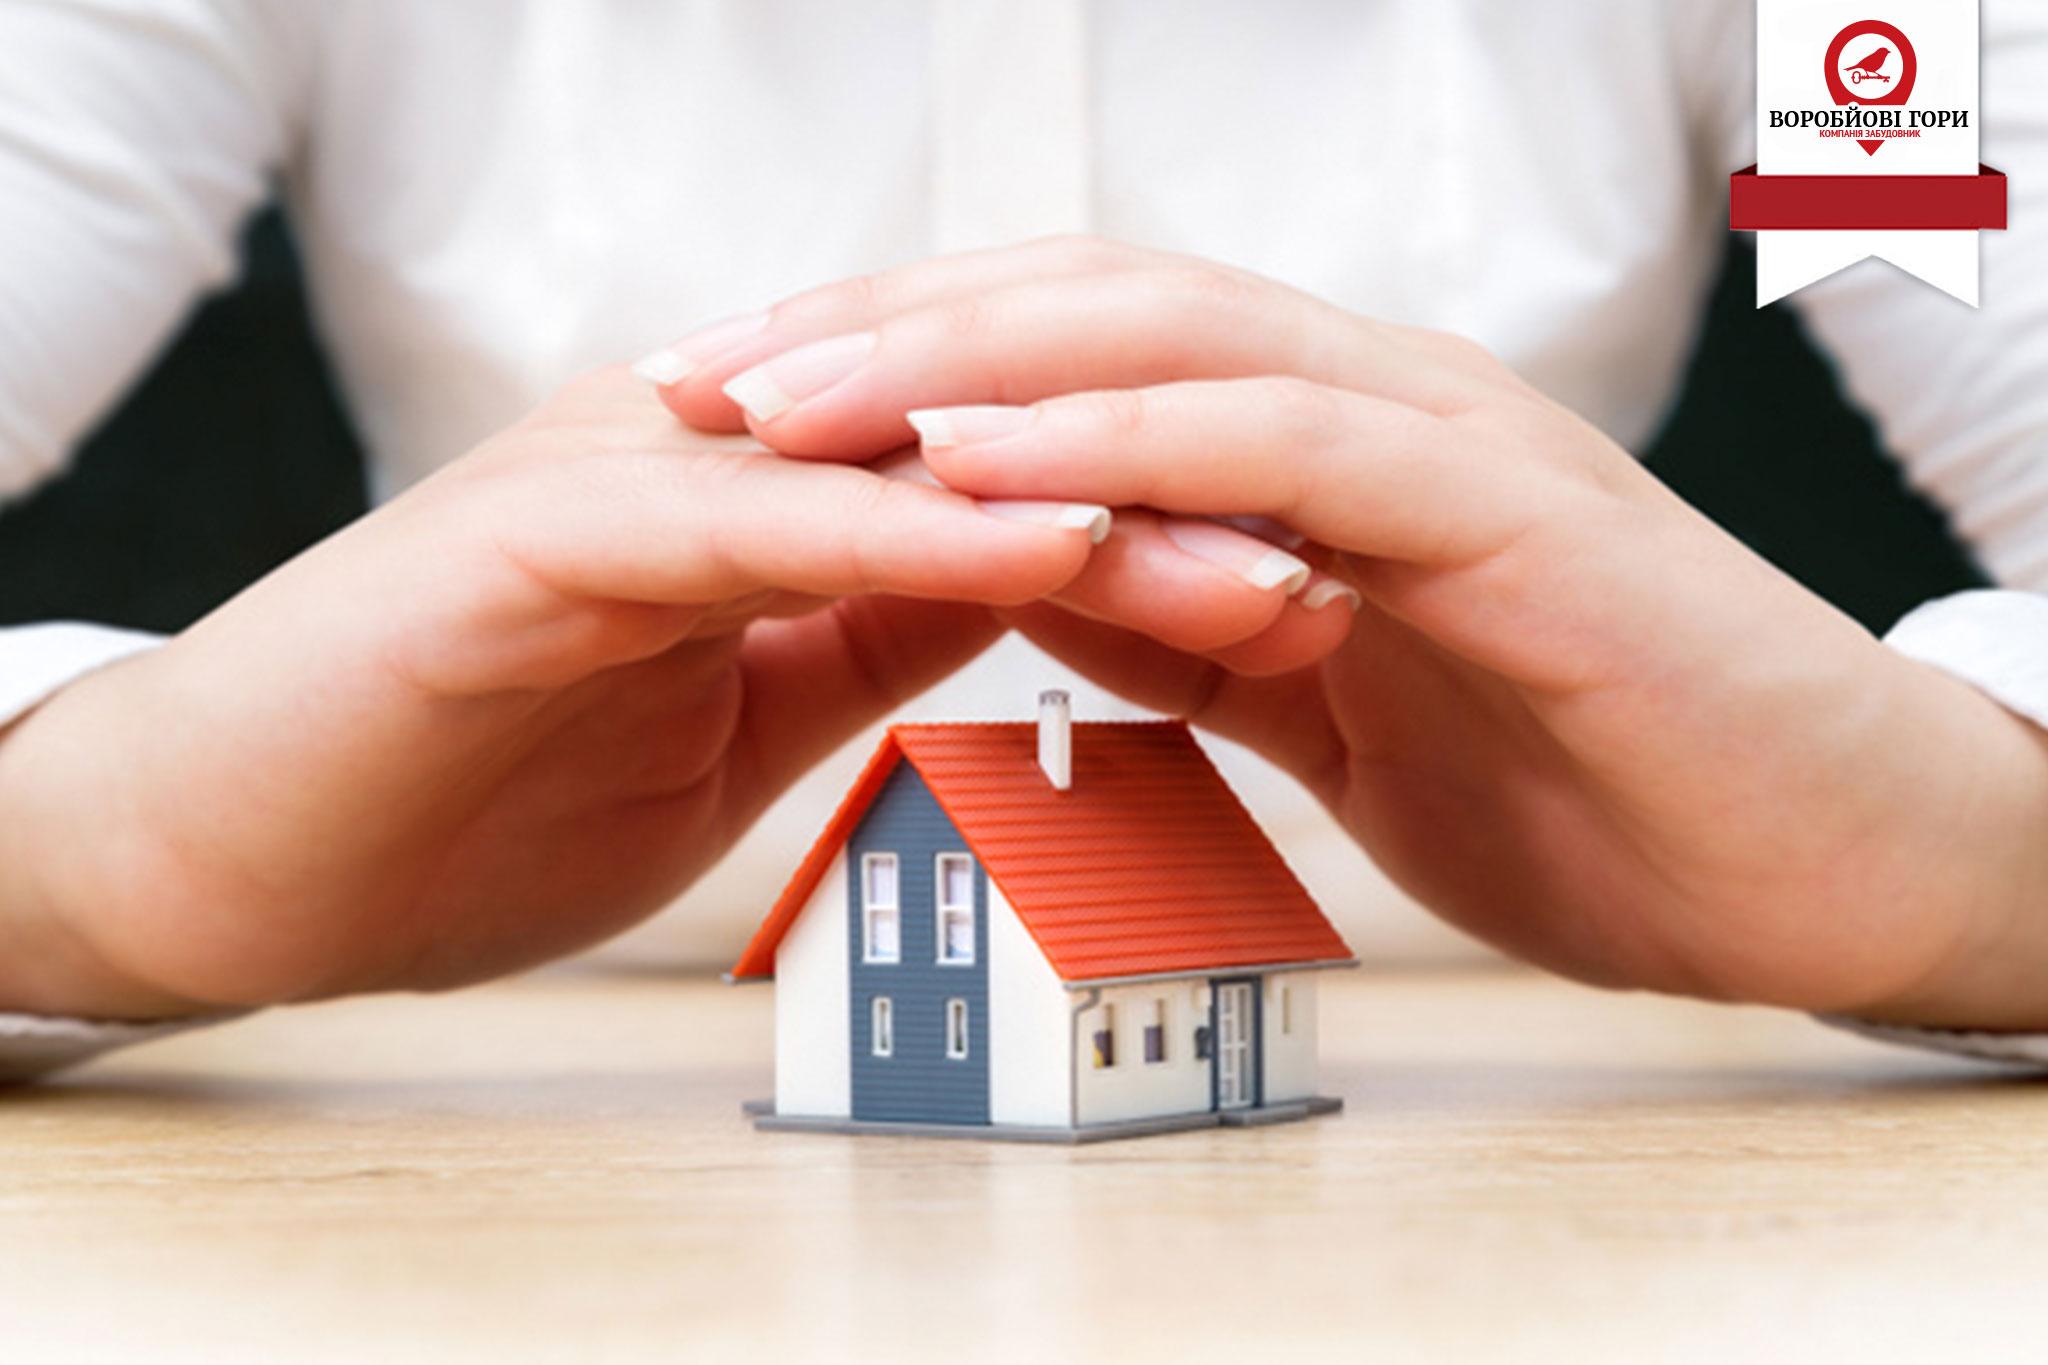 Сложно ли управлять недвижимостью? Советы экспертов.